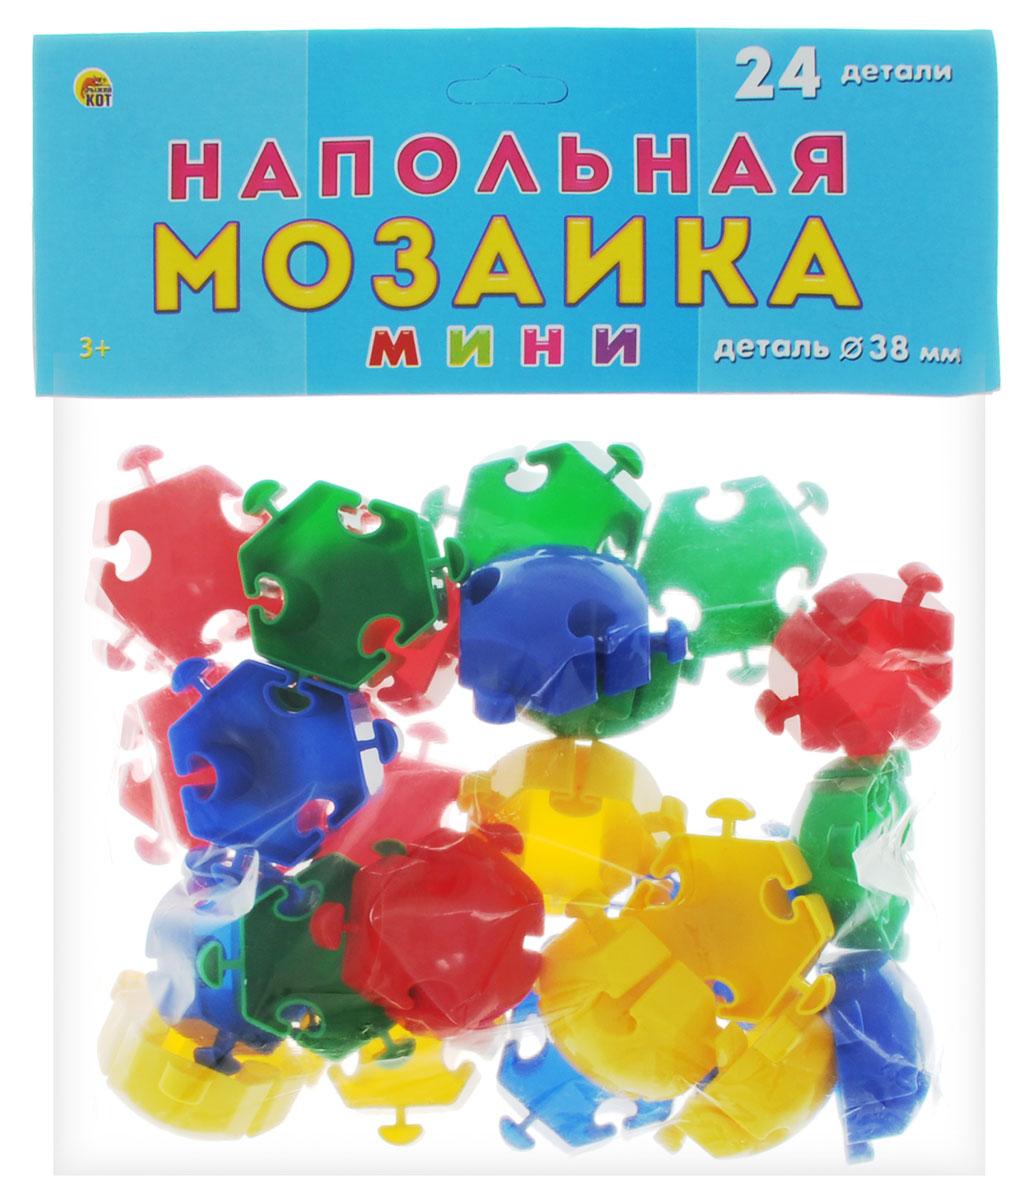 Рыжий Кот Мозаика напольная 24 элементаМ-0522Напольная мозаика Рыжий Кот - увлекательная развивающая игра для самых маленьких! Она развивает у ребёнка творческие способности, воображение, мелкую моторику рук, воображение, координацию движений. Эта мозаика открывает перед малышом неограниченные возможности создания собственных композиций. Конструкция мозаики позволяет с лёгкостью скреплять и фиксировать детали, которые состоят из высококачественных материалов, абсолютно безопасных для здоровья ребёнка. В комплекте 24 элемента мозаики.